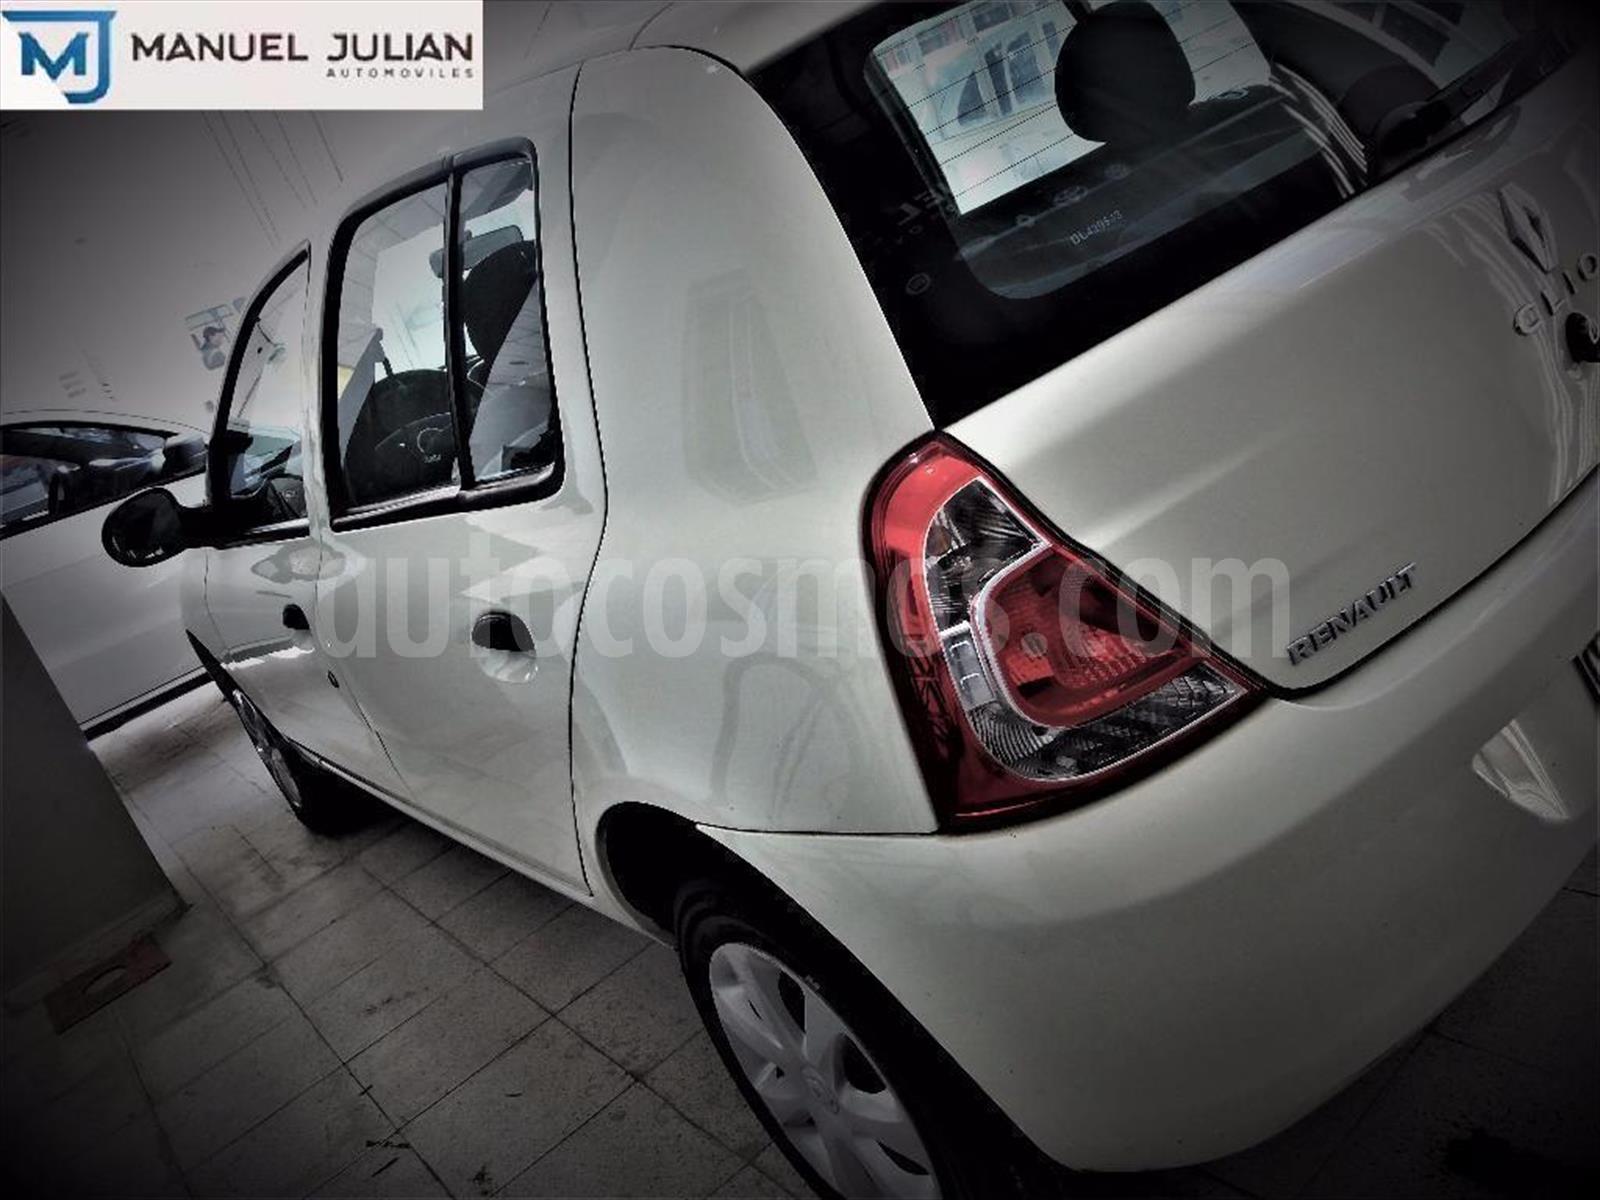 Venta Autos Usado Cordoba Renault Clio Mio